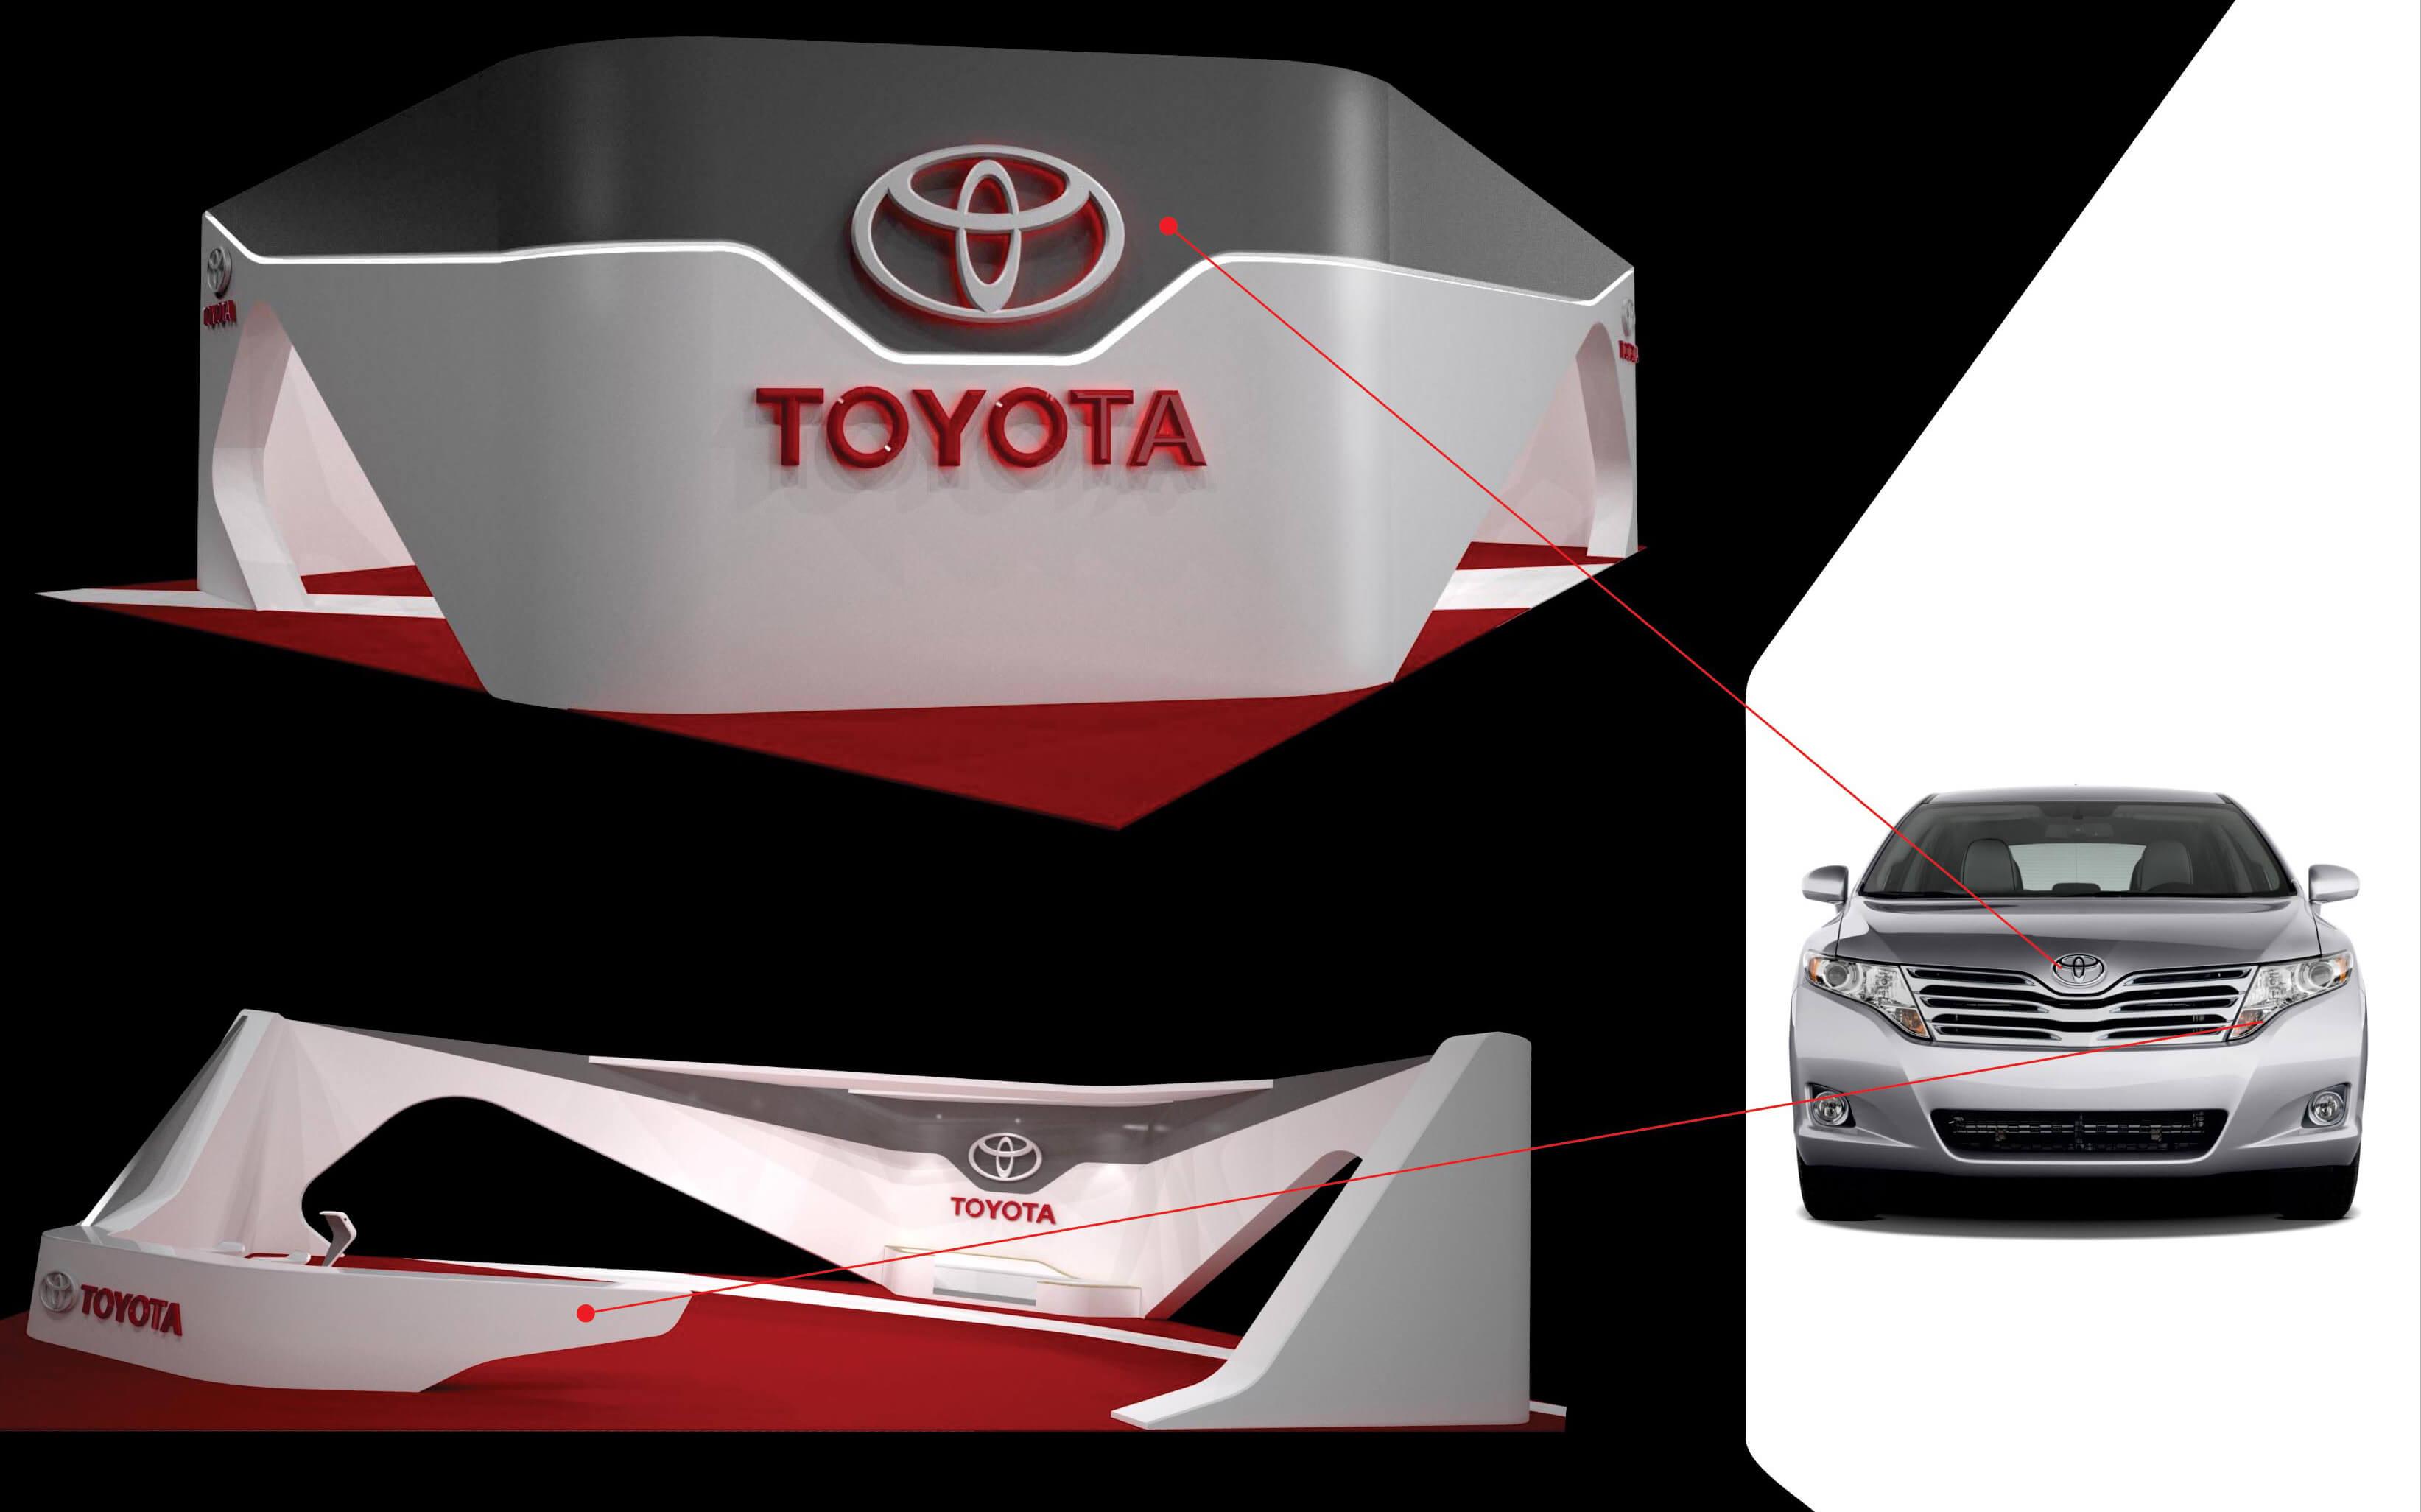 Toyota design-